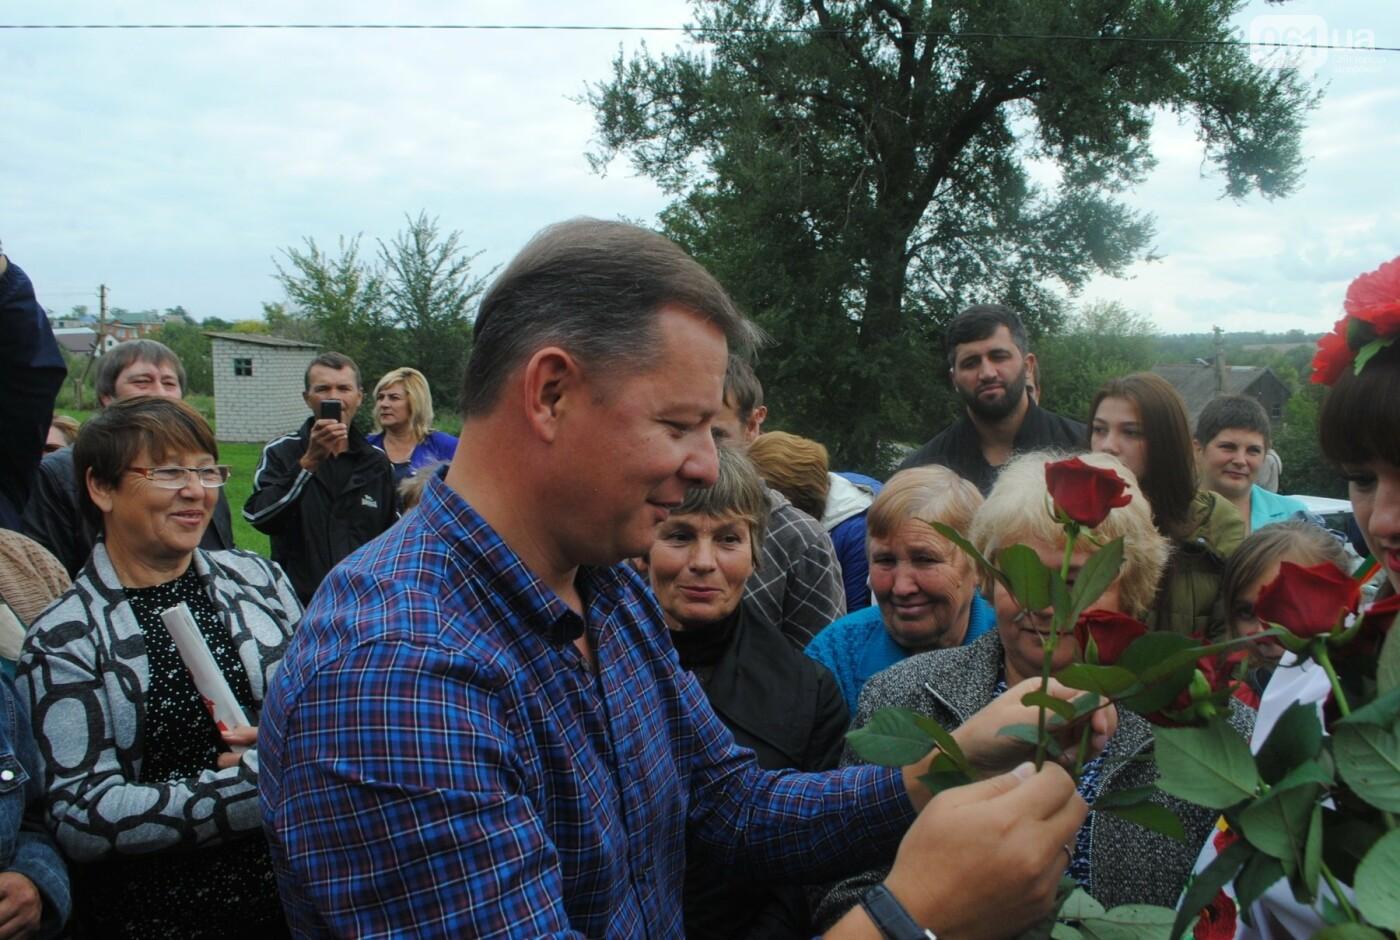 Громаду под Запорожьем неожиданно посетил Олег Ляшко, нардеп встретился с людьми, - ФОТОРЕПОРТАЖ, фото-8